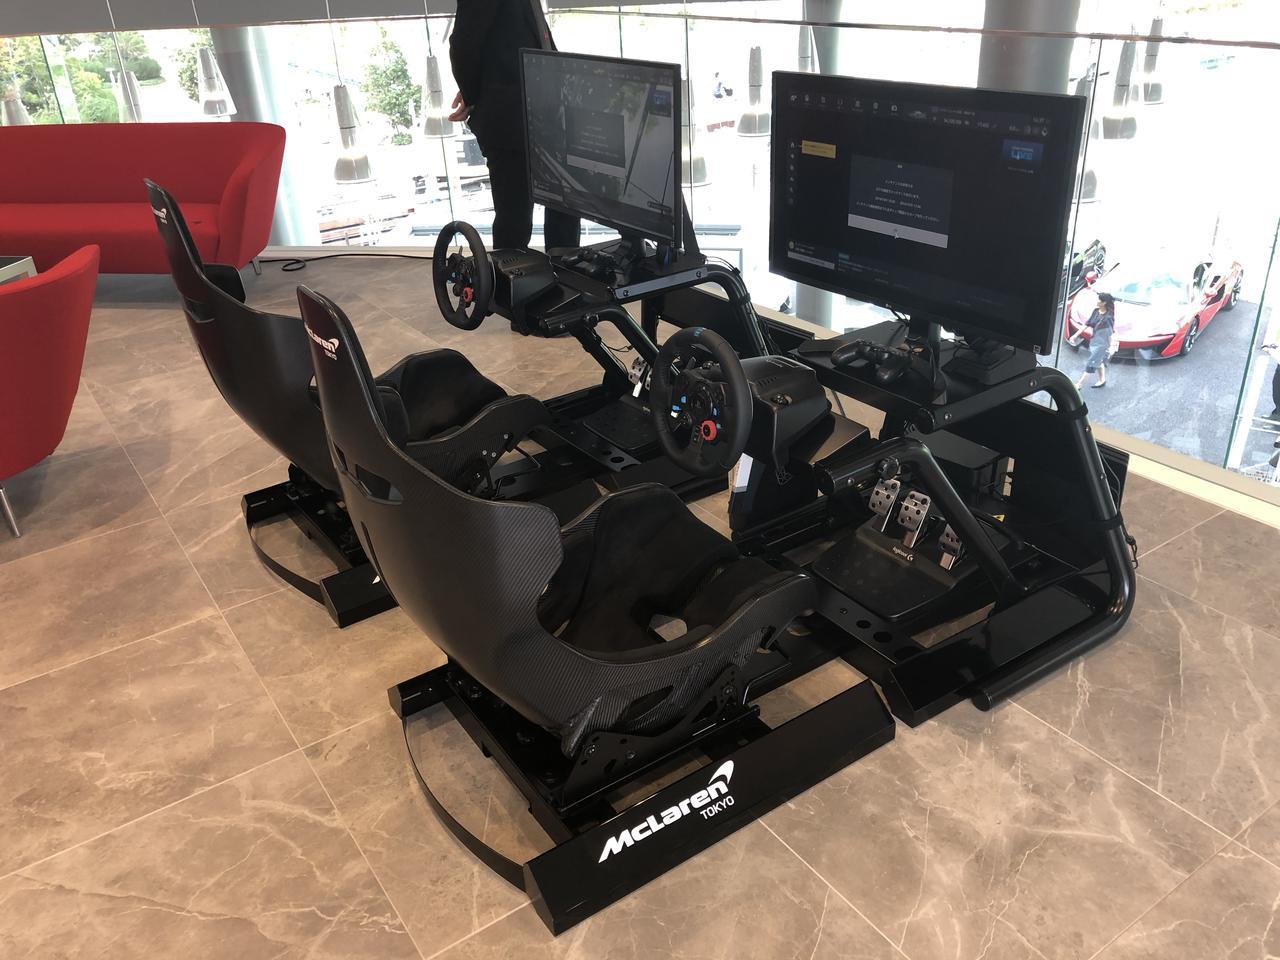 画像: 実際のマクラーレンセナのシートが使われているドライビングシミュレーター。